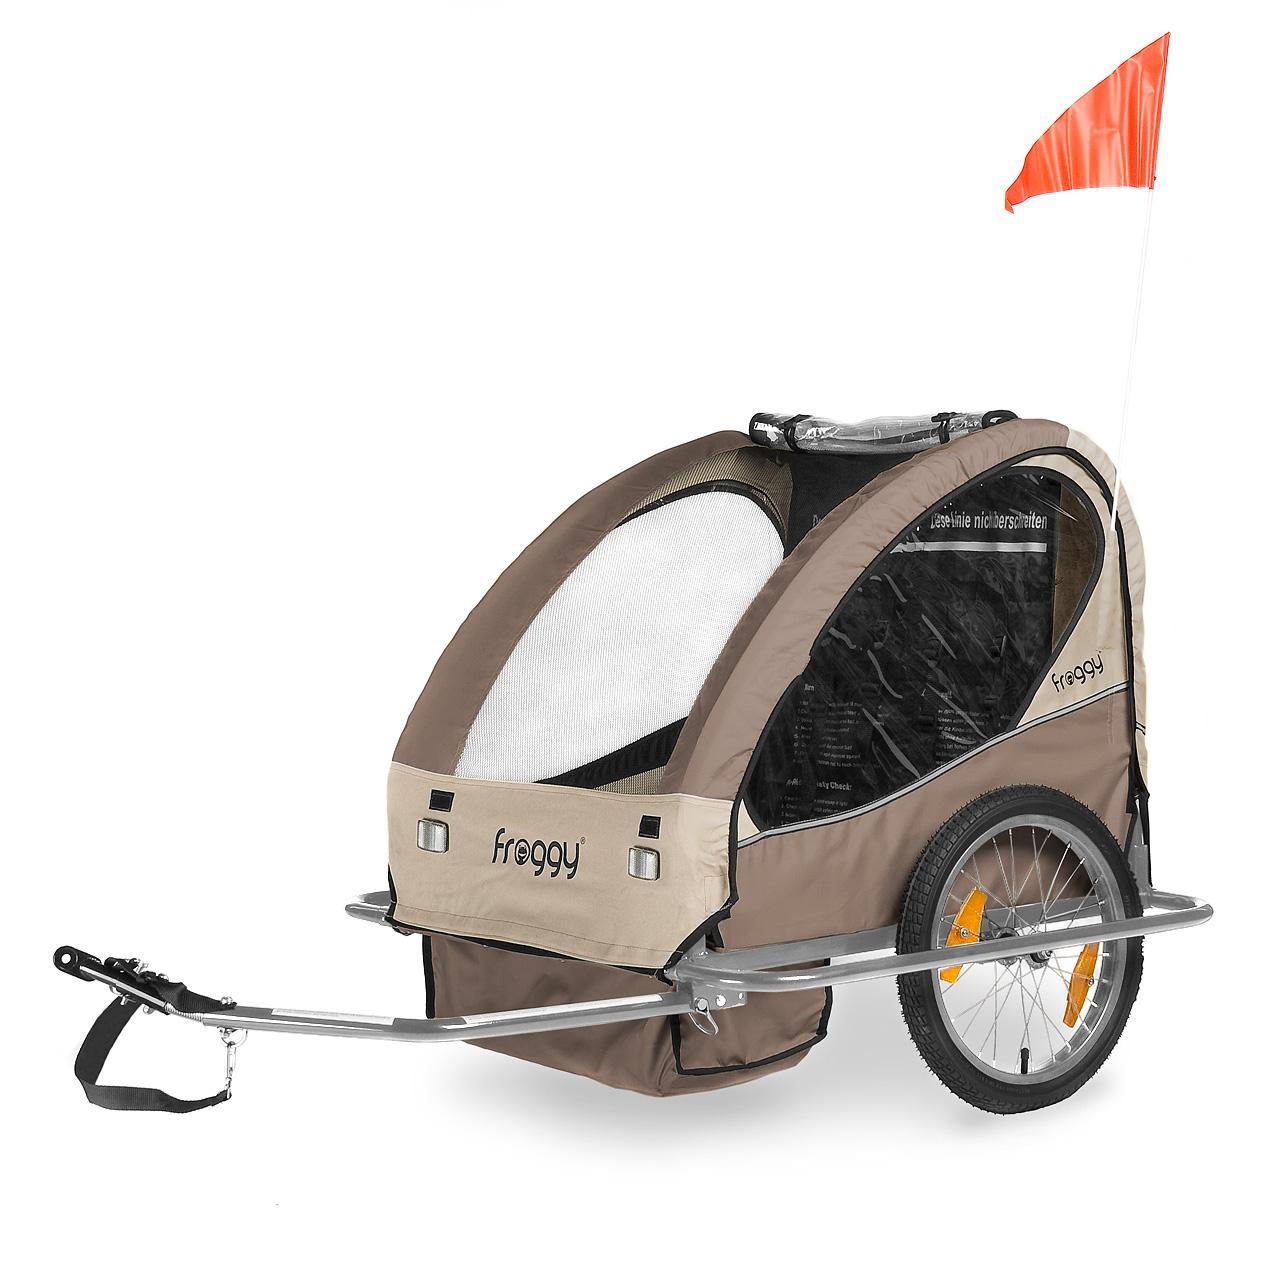 Fahrradanhänger Für 3 Kinder